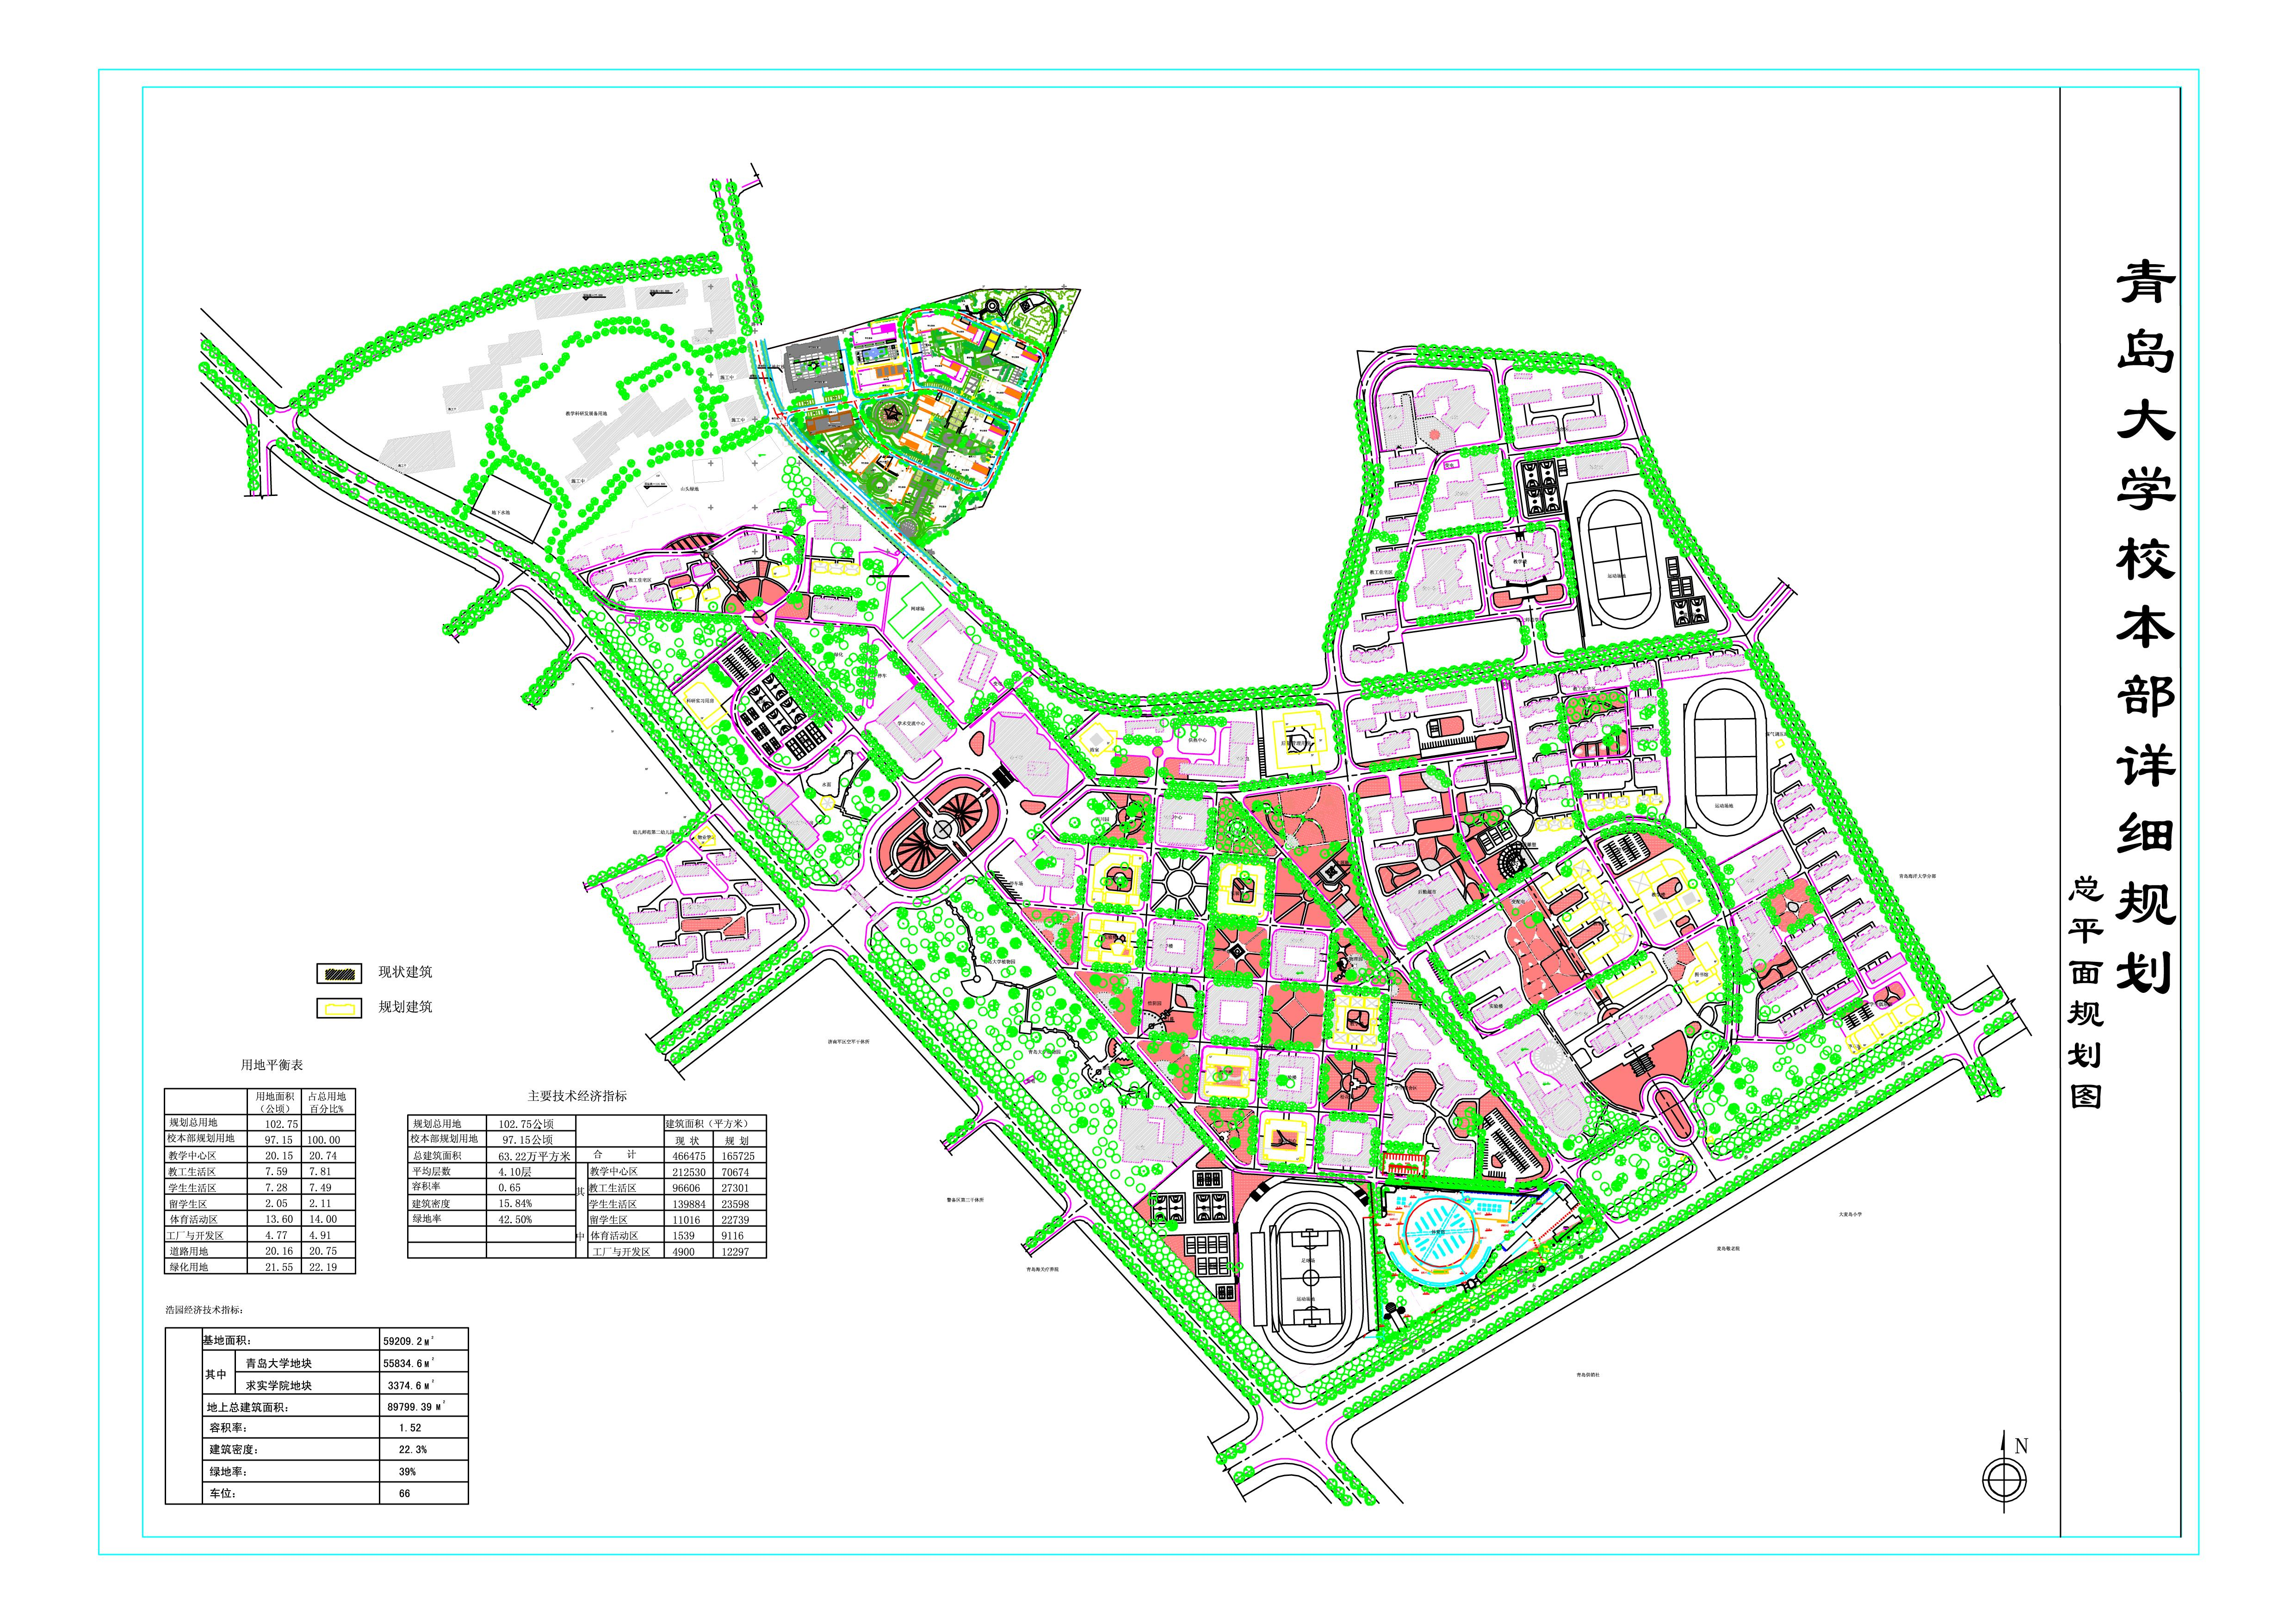 青岛大学浮山校区规划